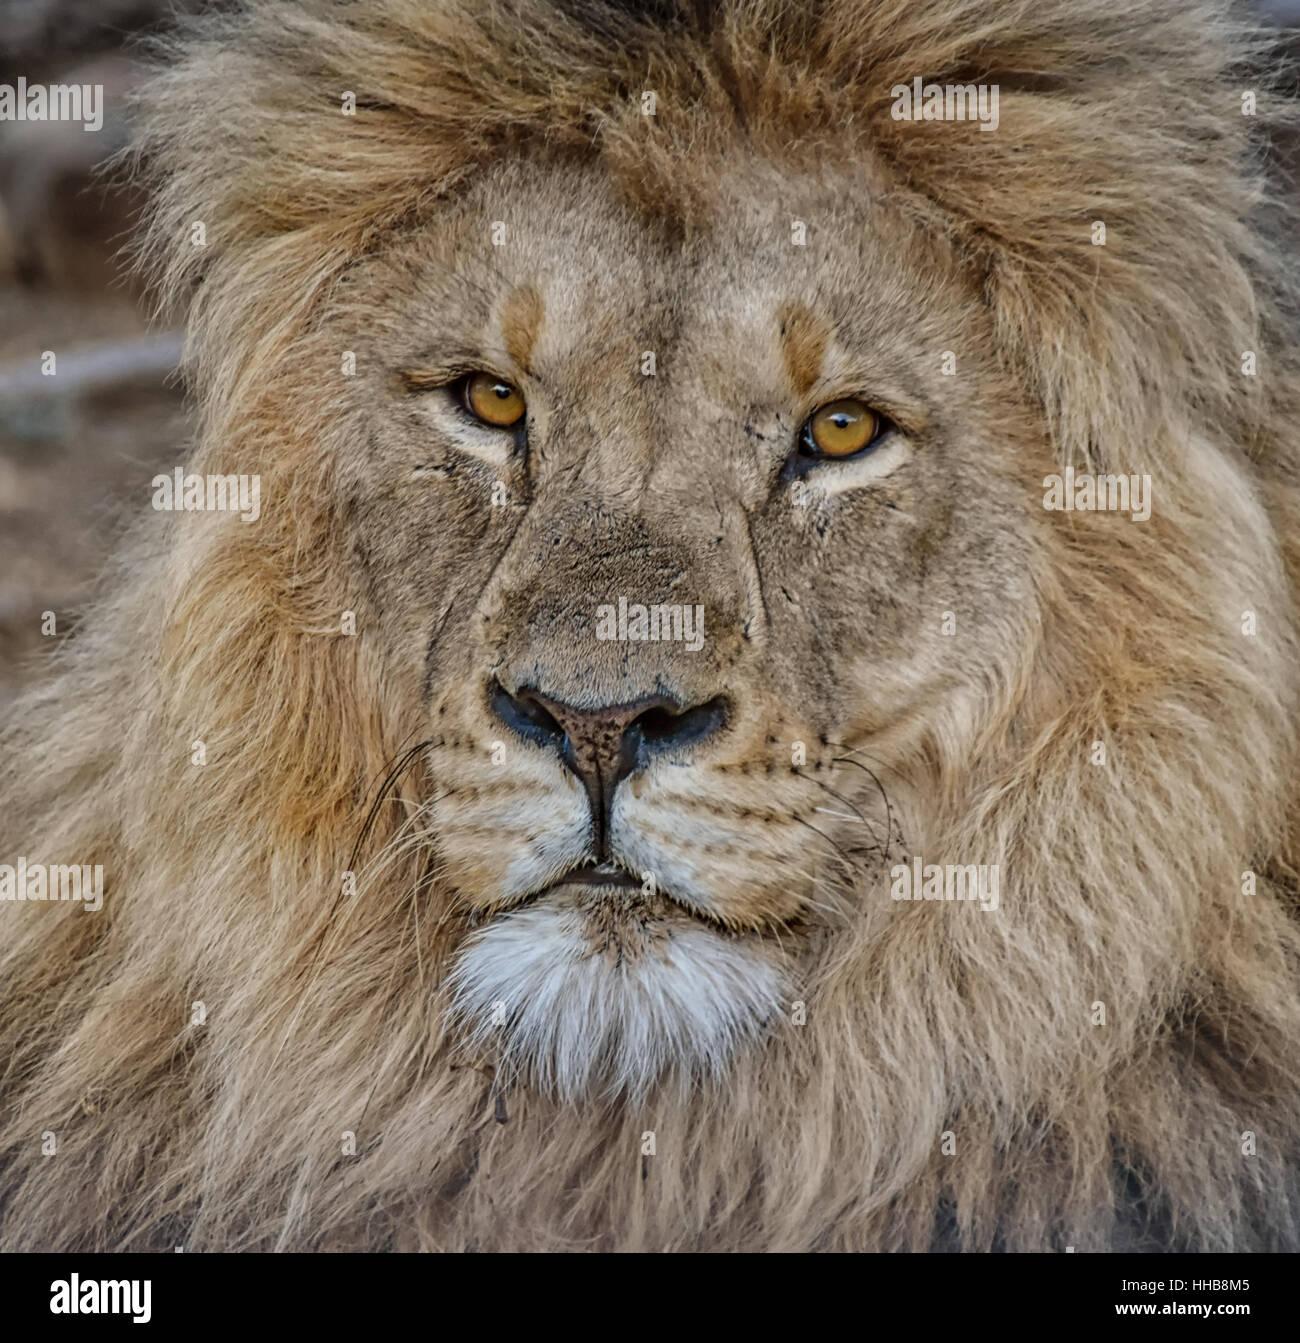 Leone maschio nel sud della savana africana Foto Stock